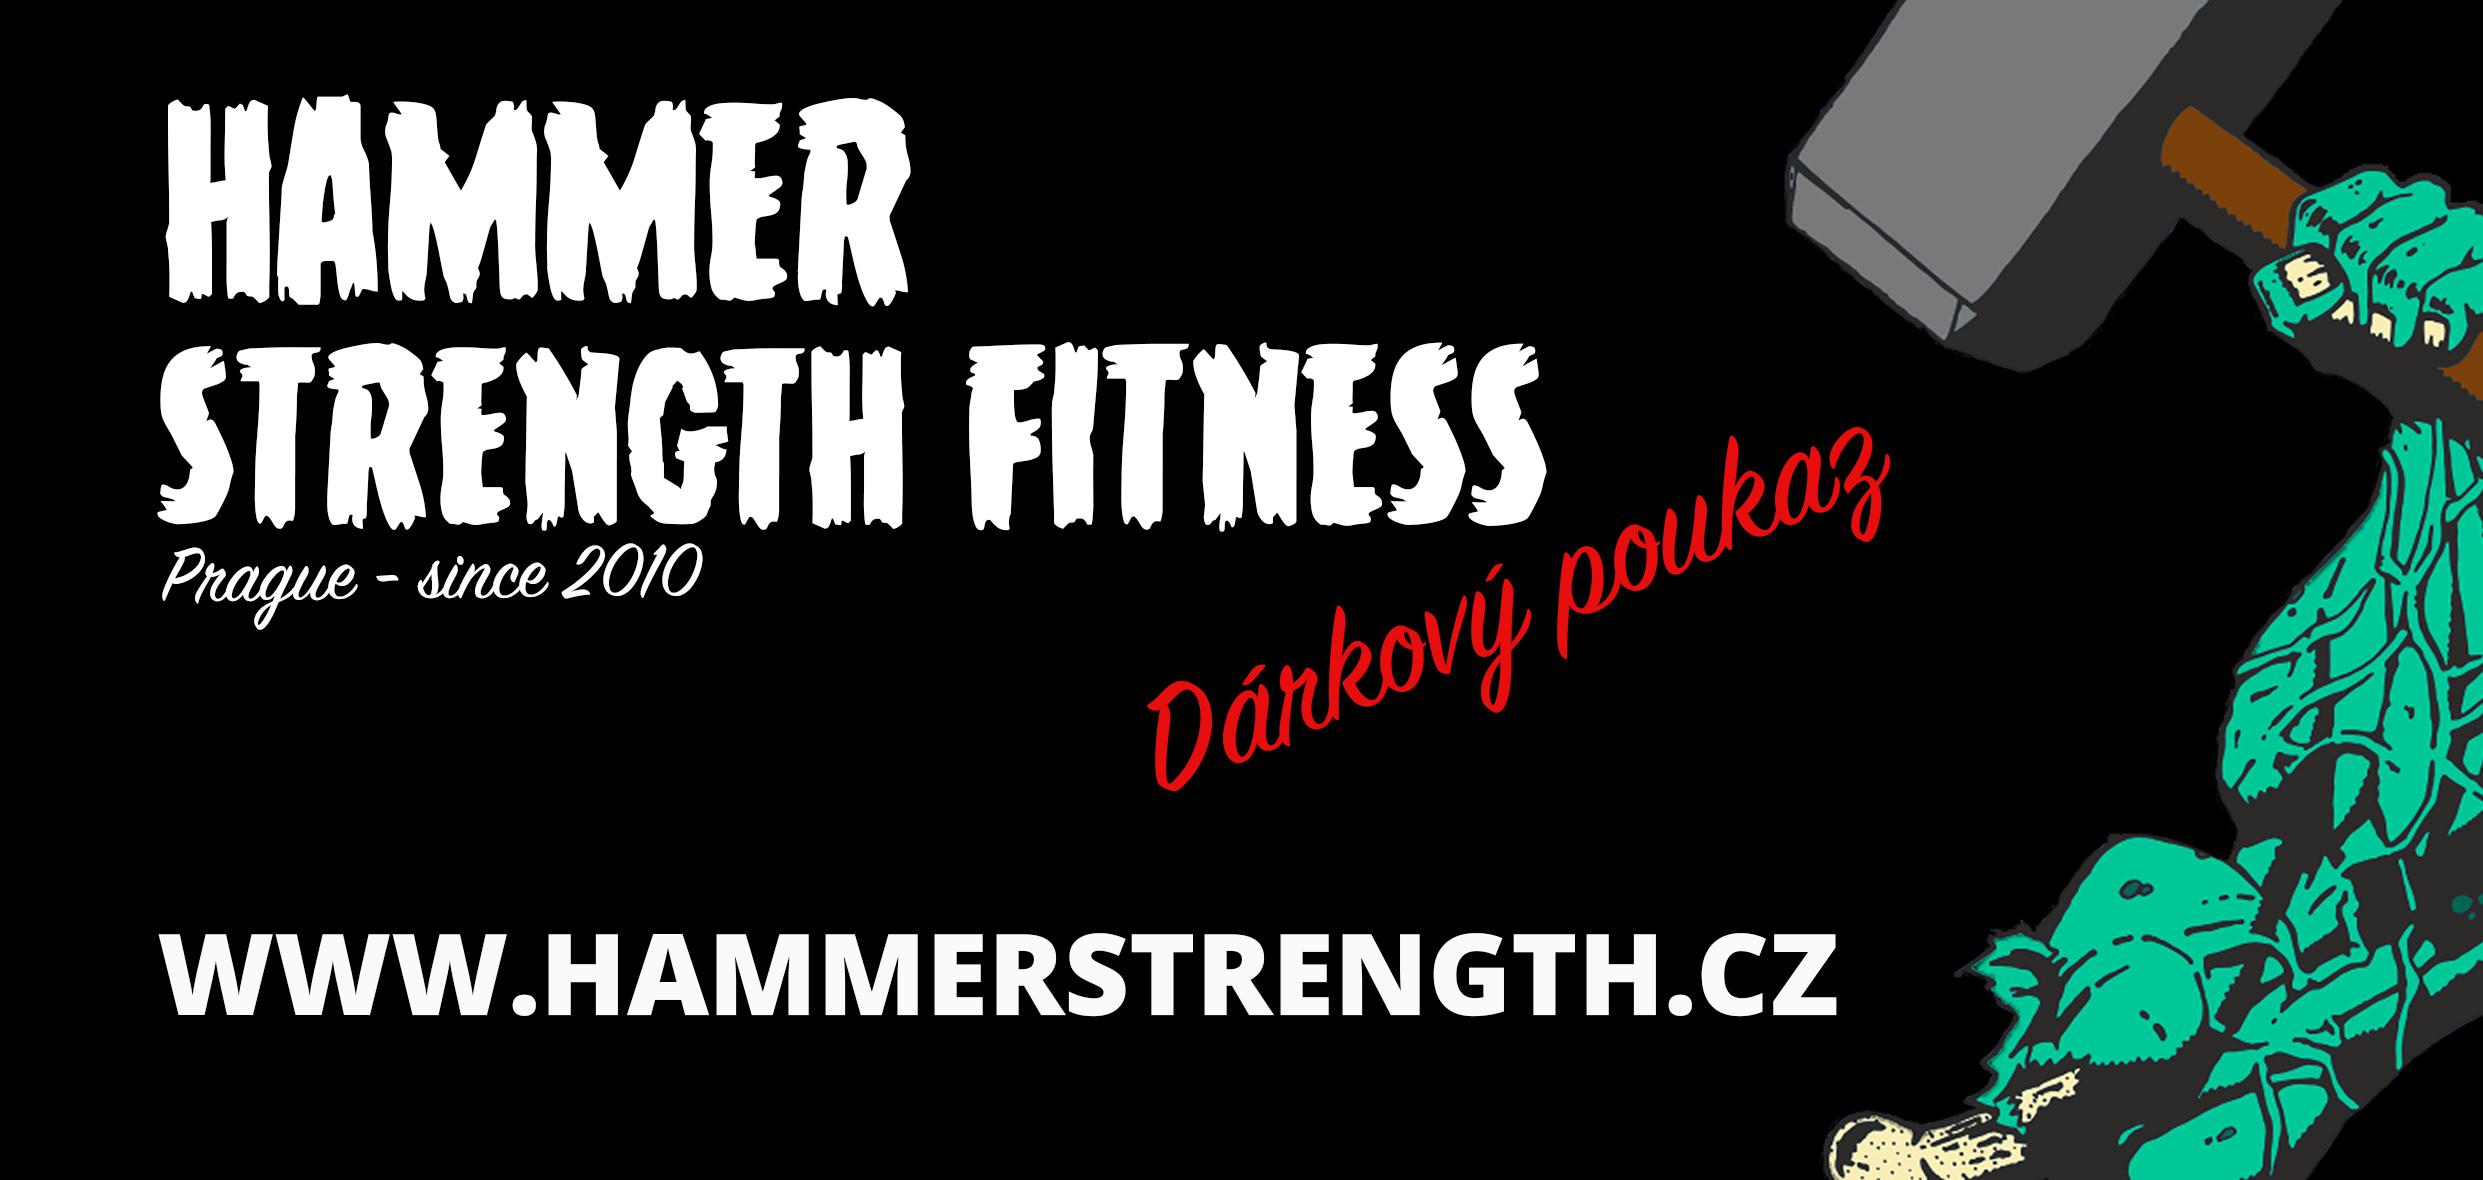 dárkový poukaz fitness hammer strength skupinové lekce joga trenér everithing mrdat